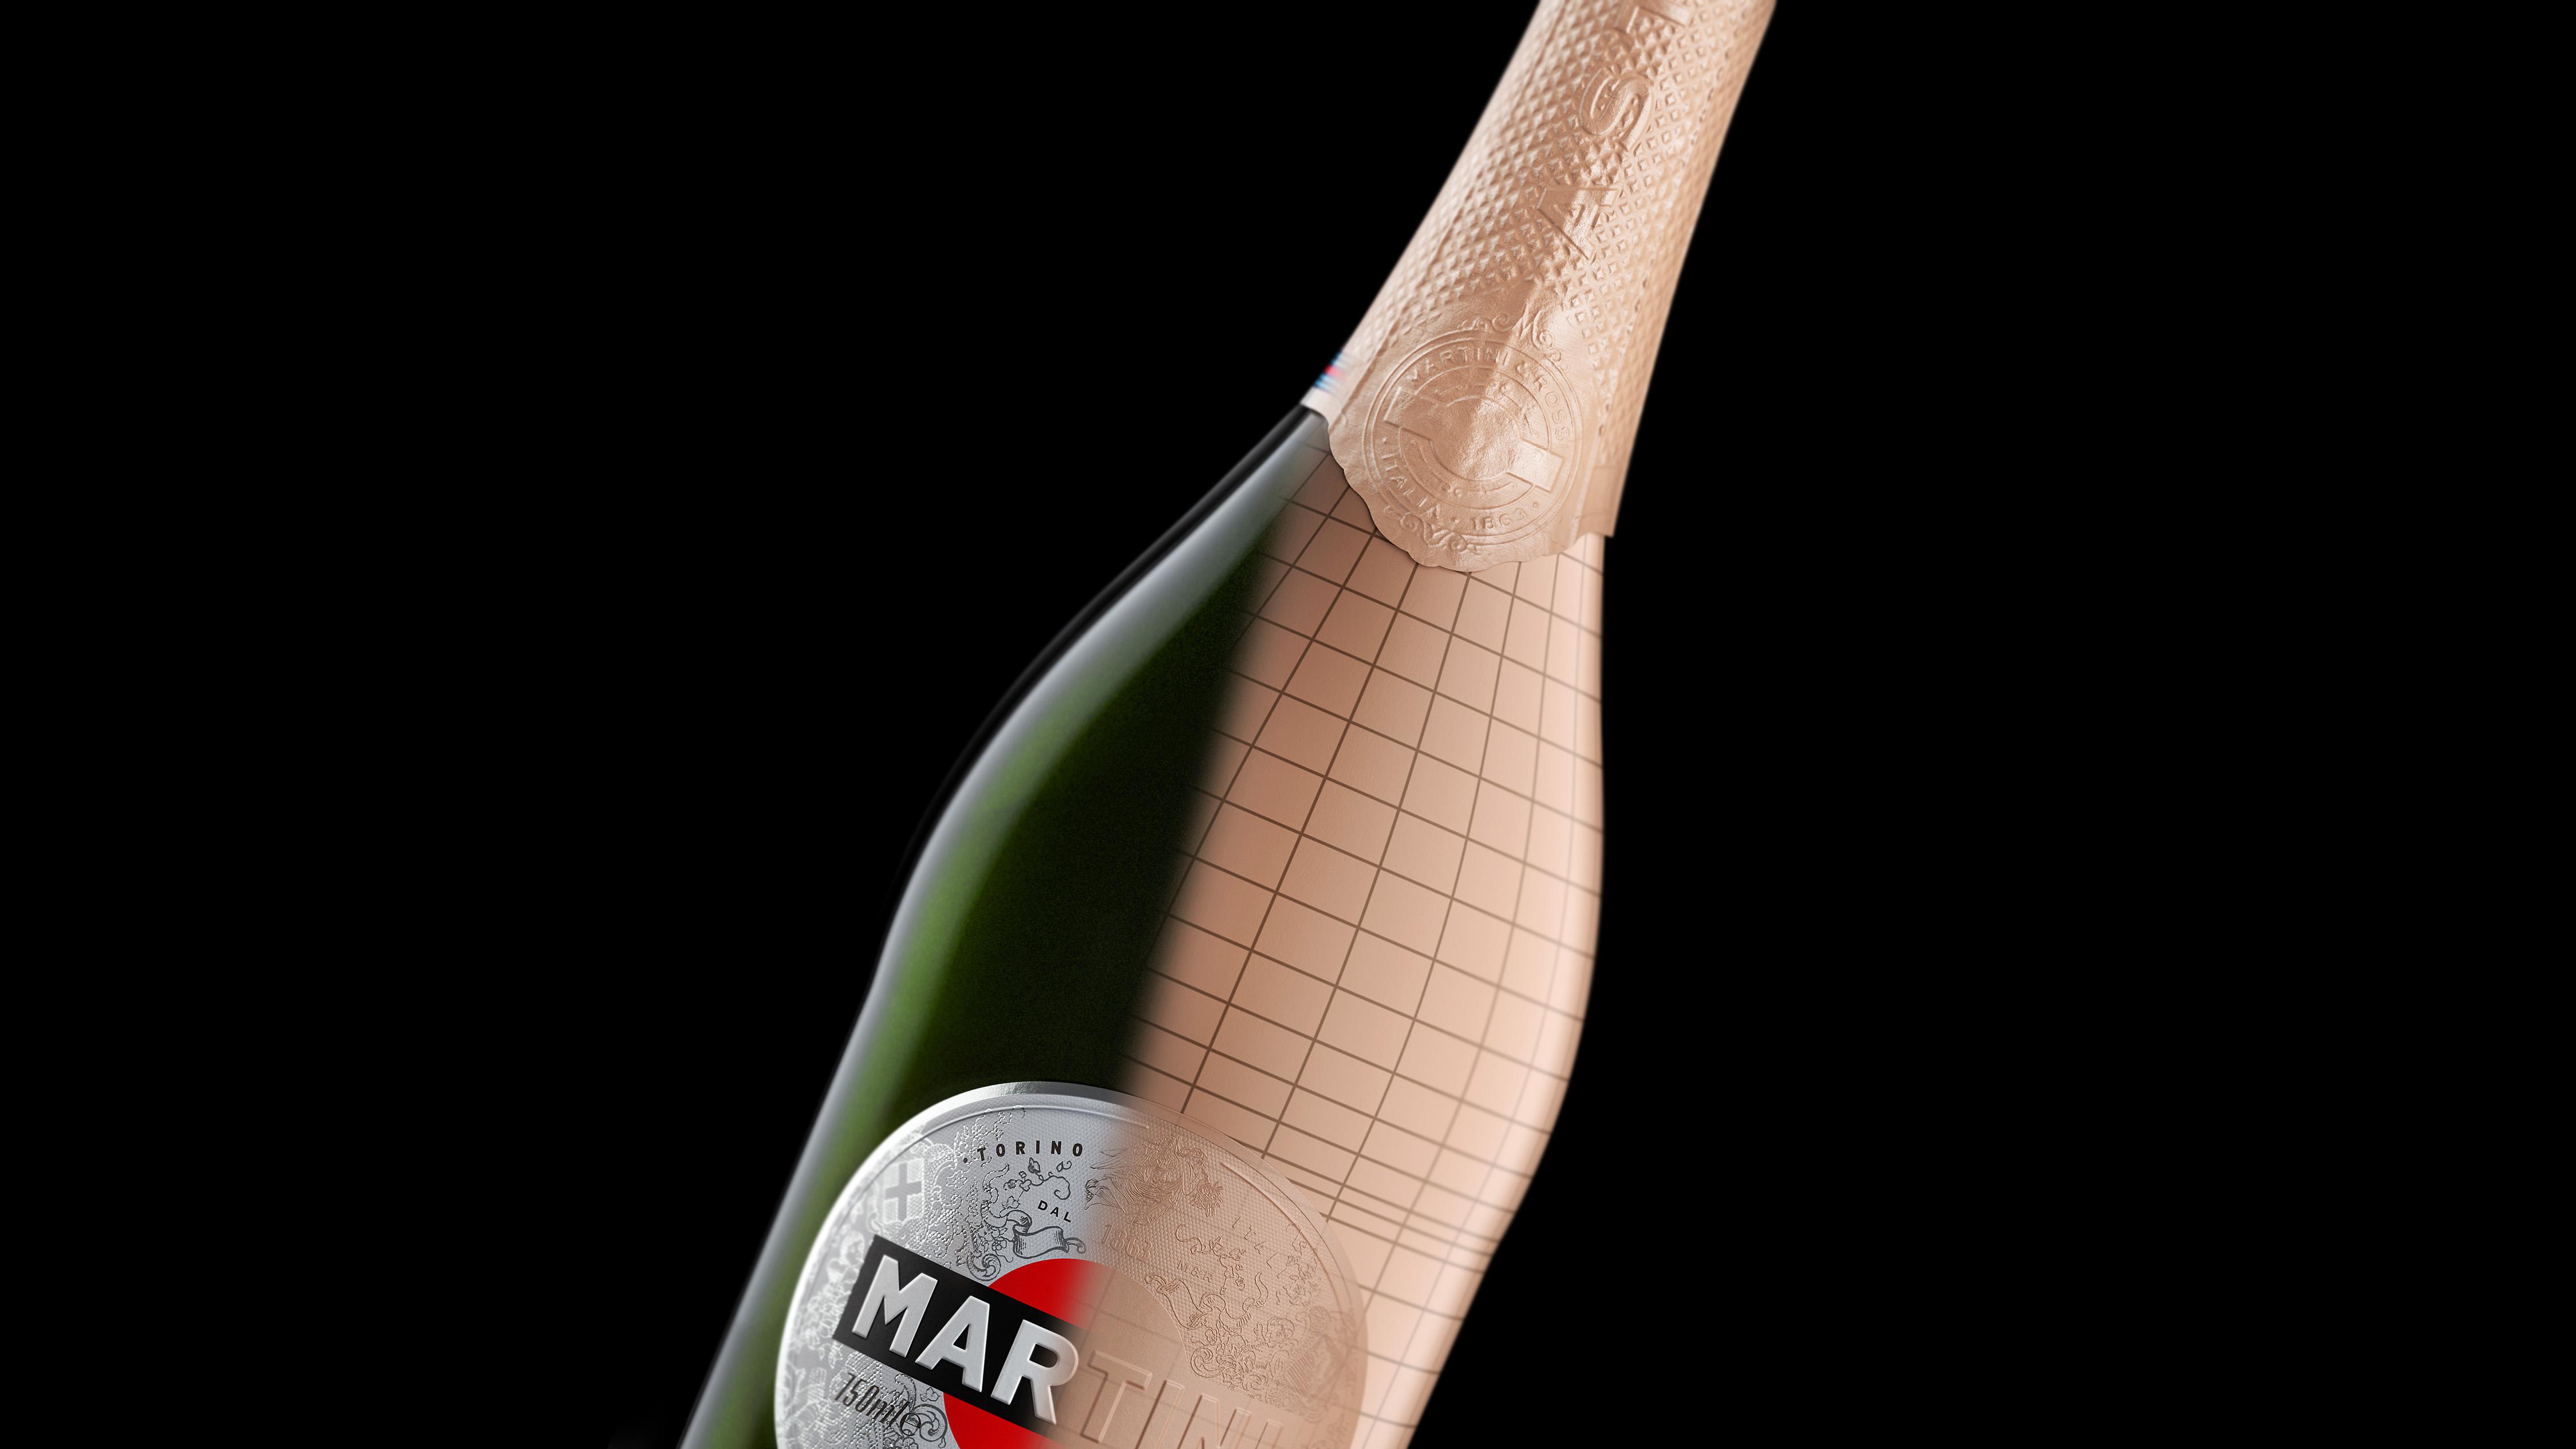 Martini10